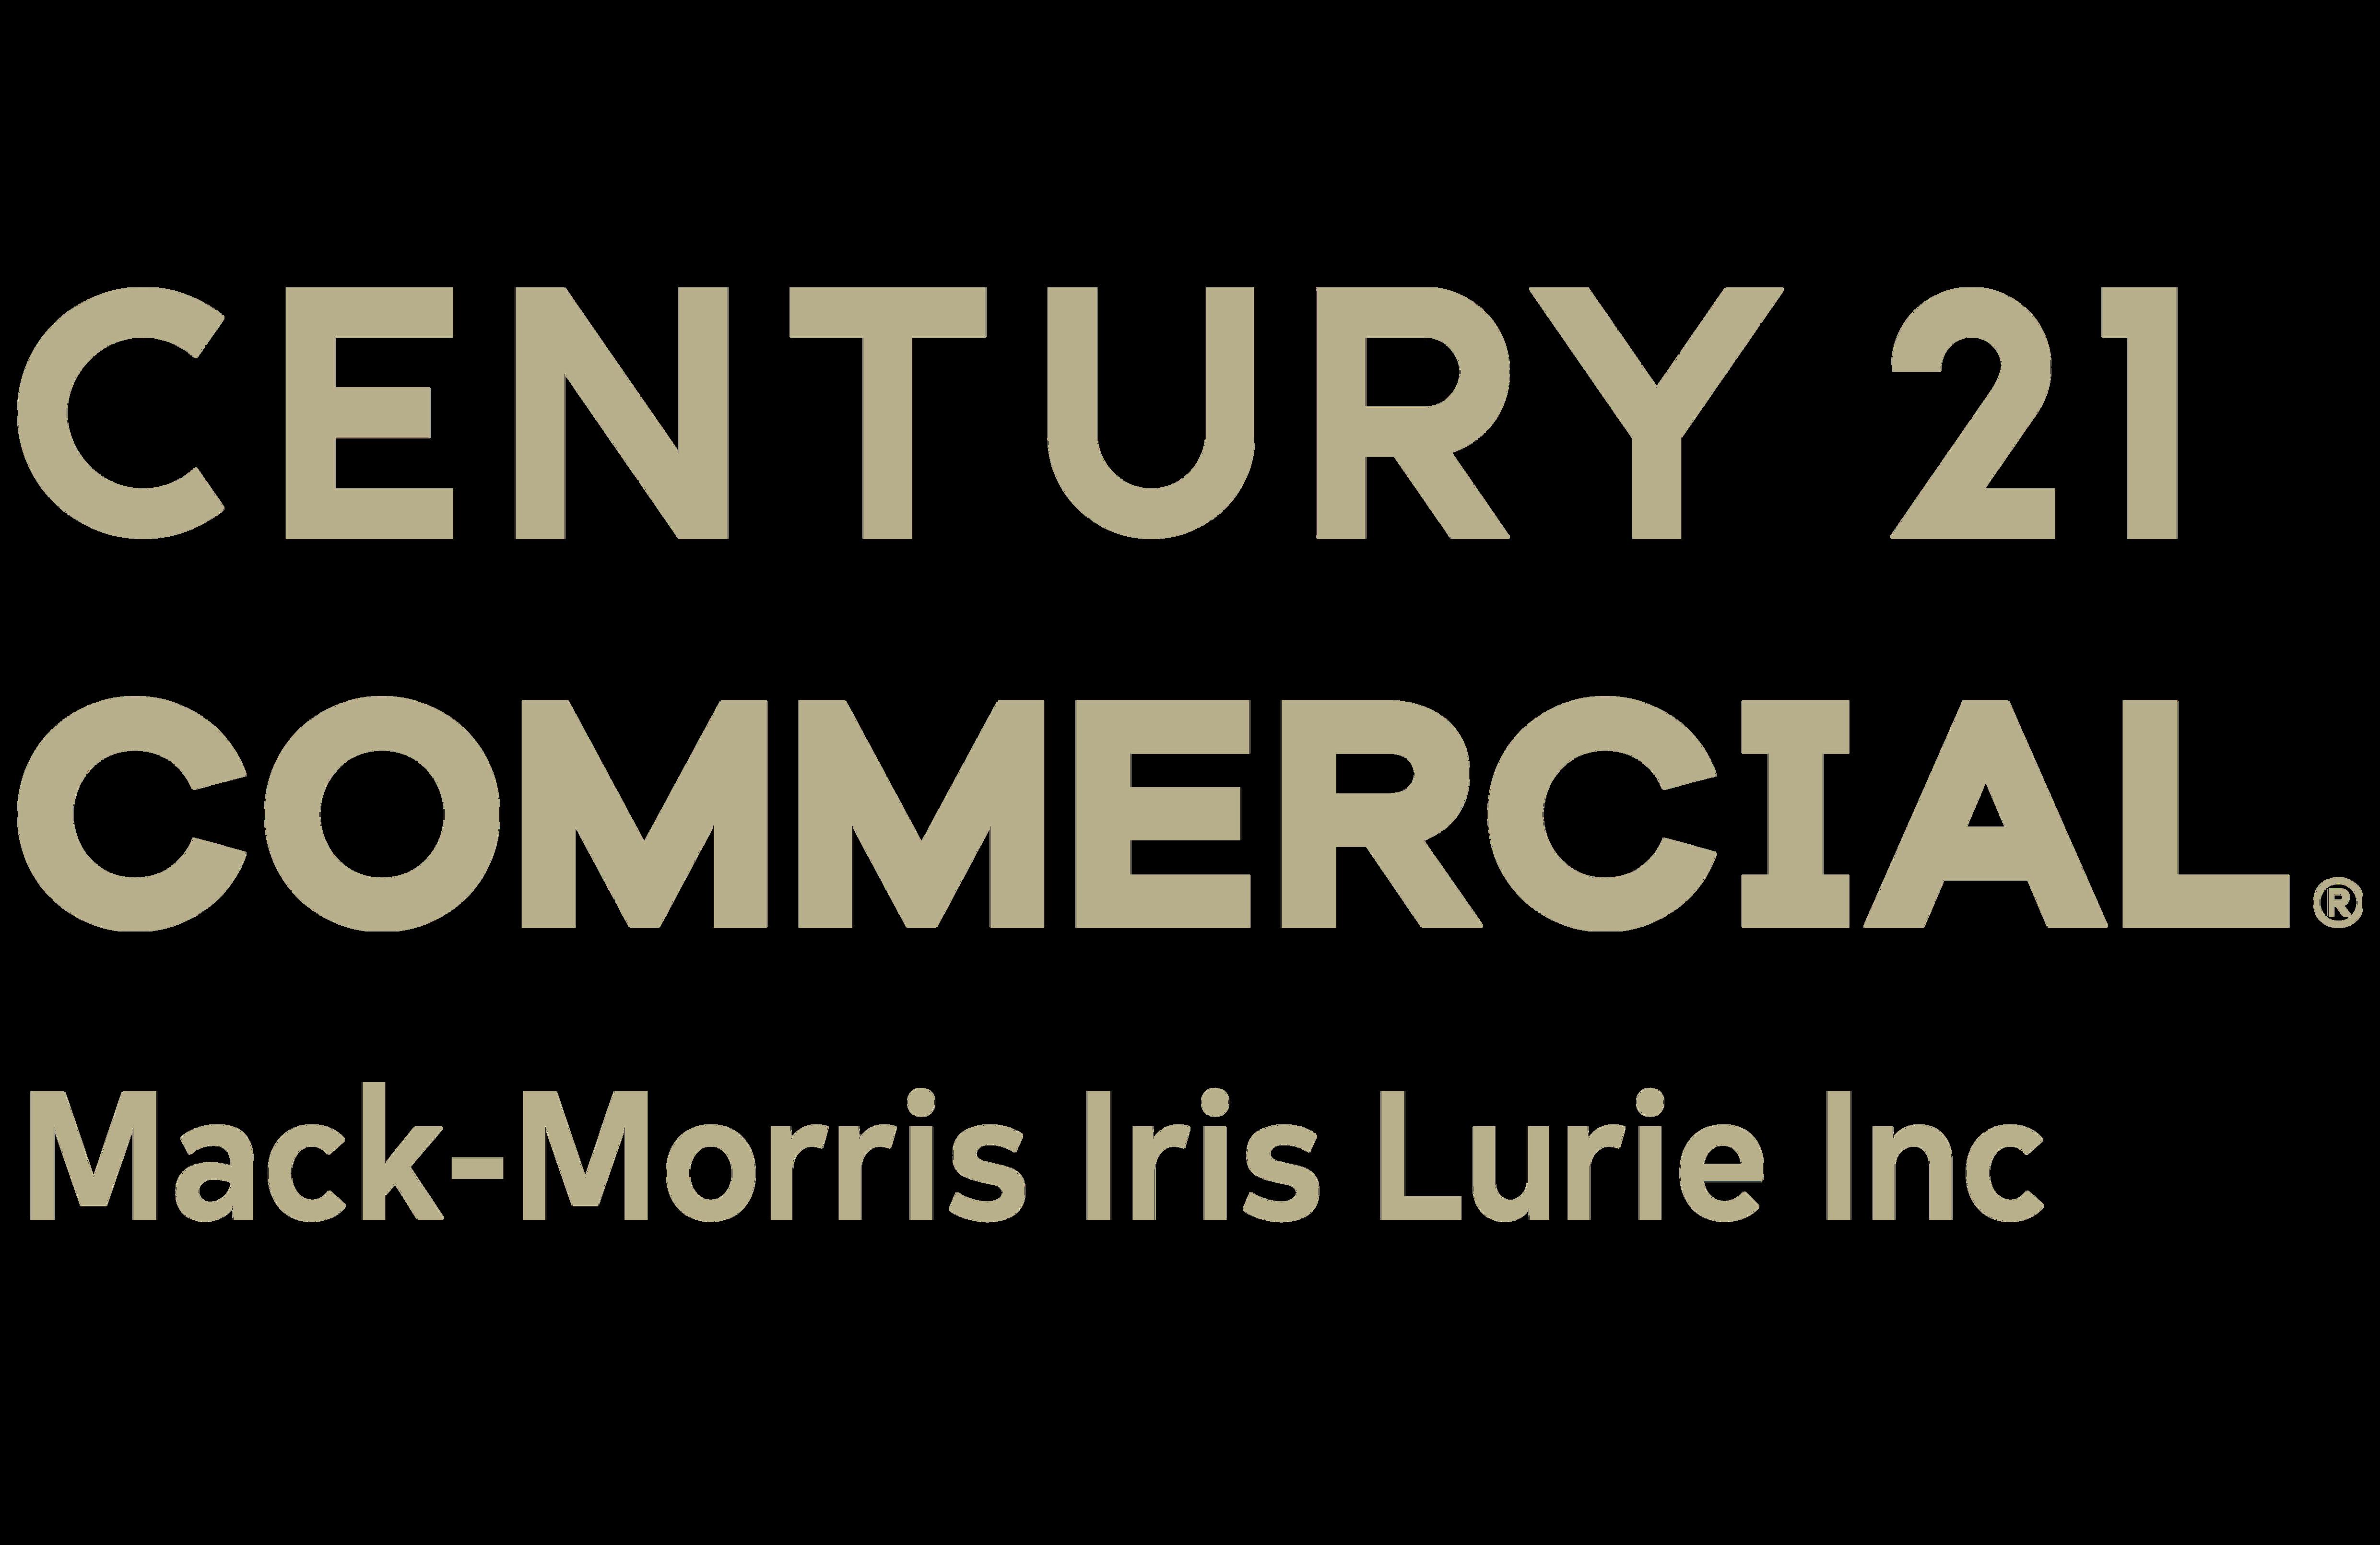 CENTURY 21 Mack-Morris Iris Lurie Inc